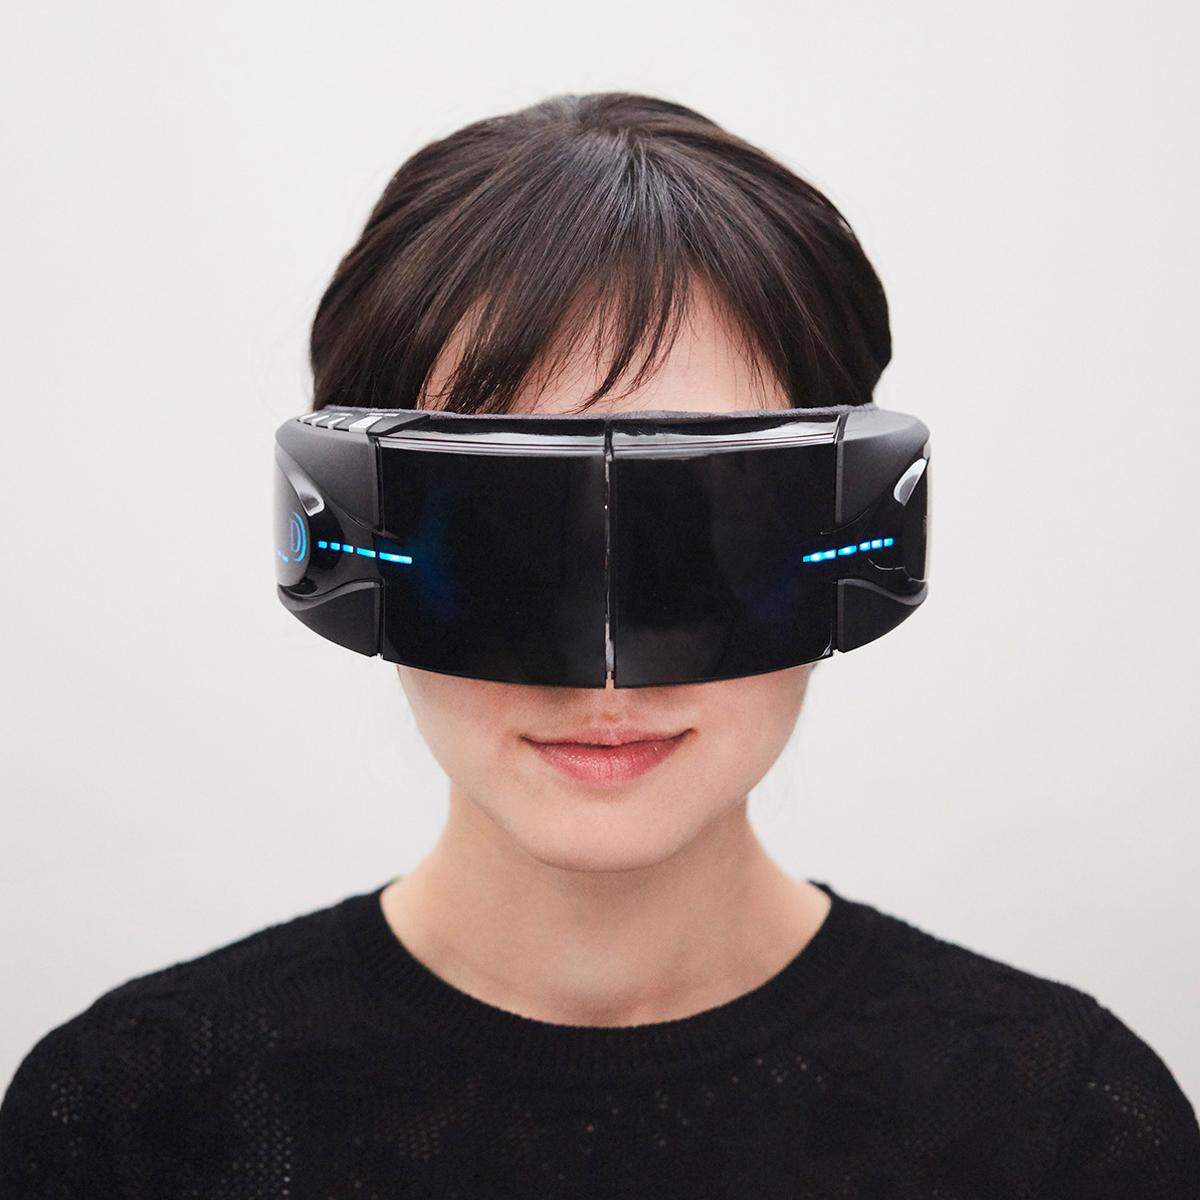 """""""0秒""""で通える「目元ホットスパ」 仕事の合間、寝る前、いつでも目元から全身リラックスできる「目元ホットマッサージャー」 3DアイマジックS"""